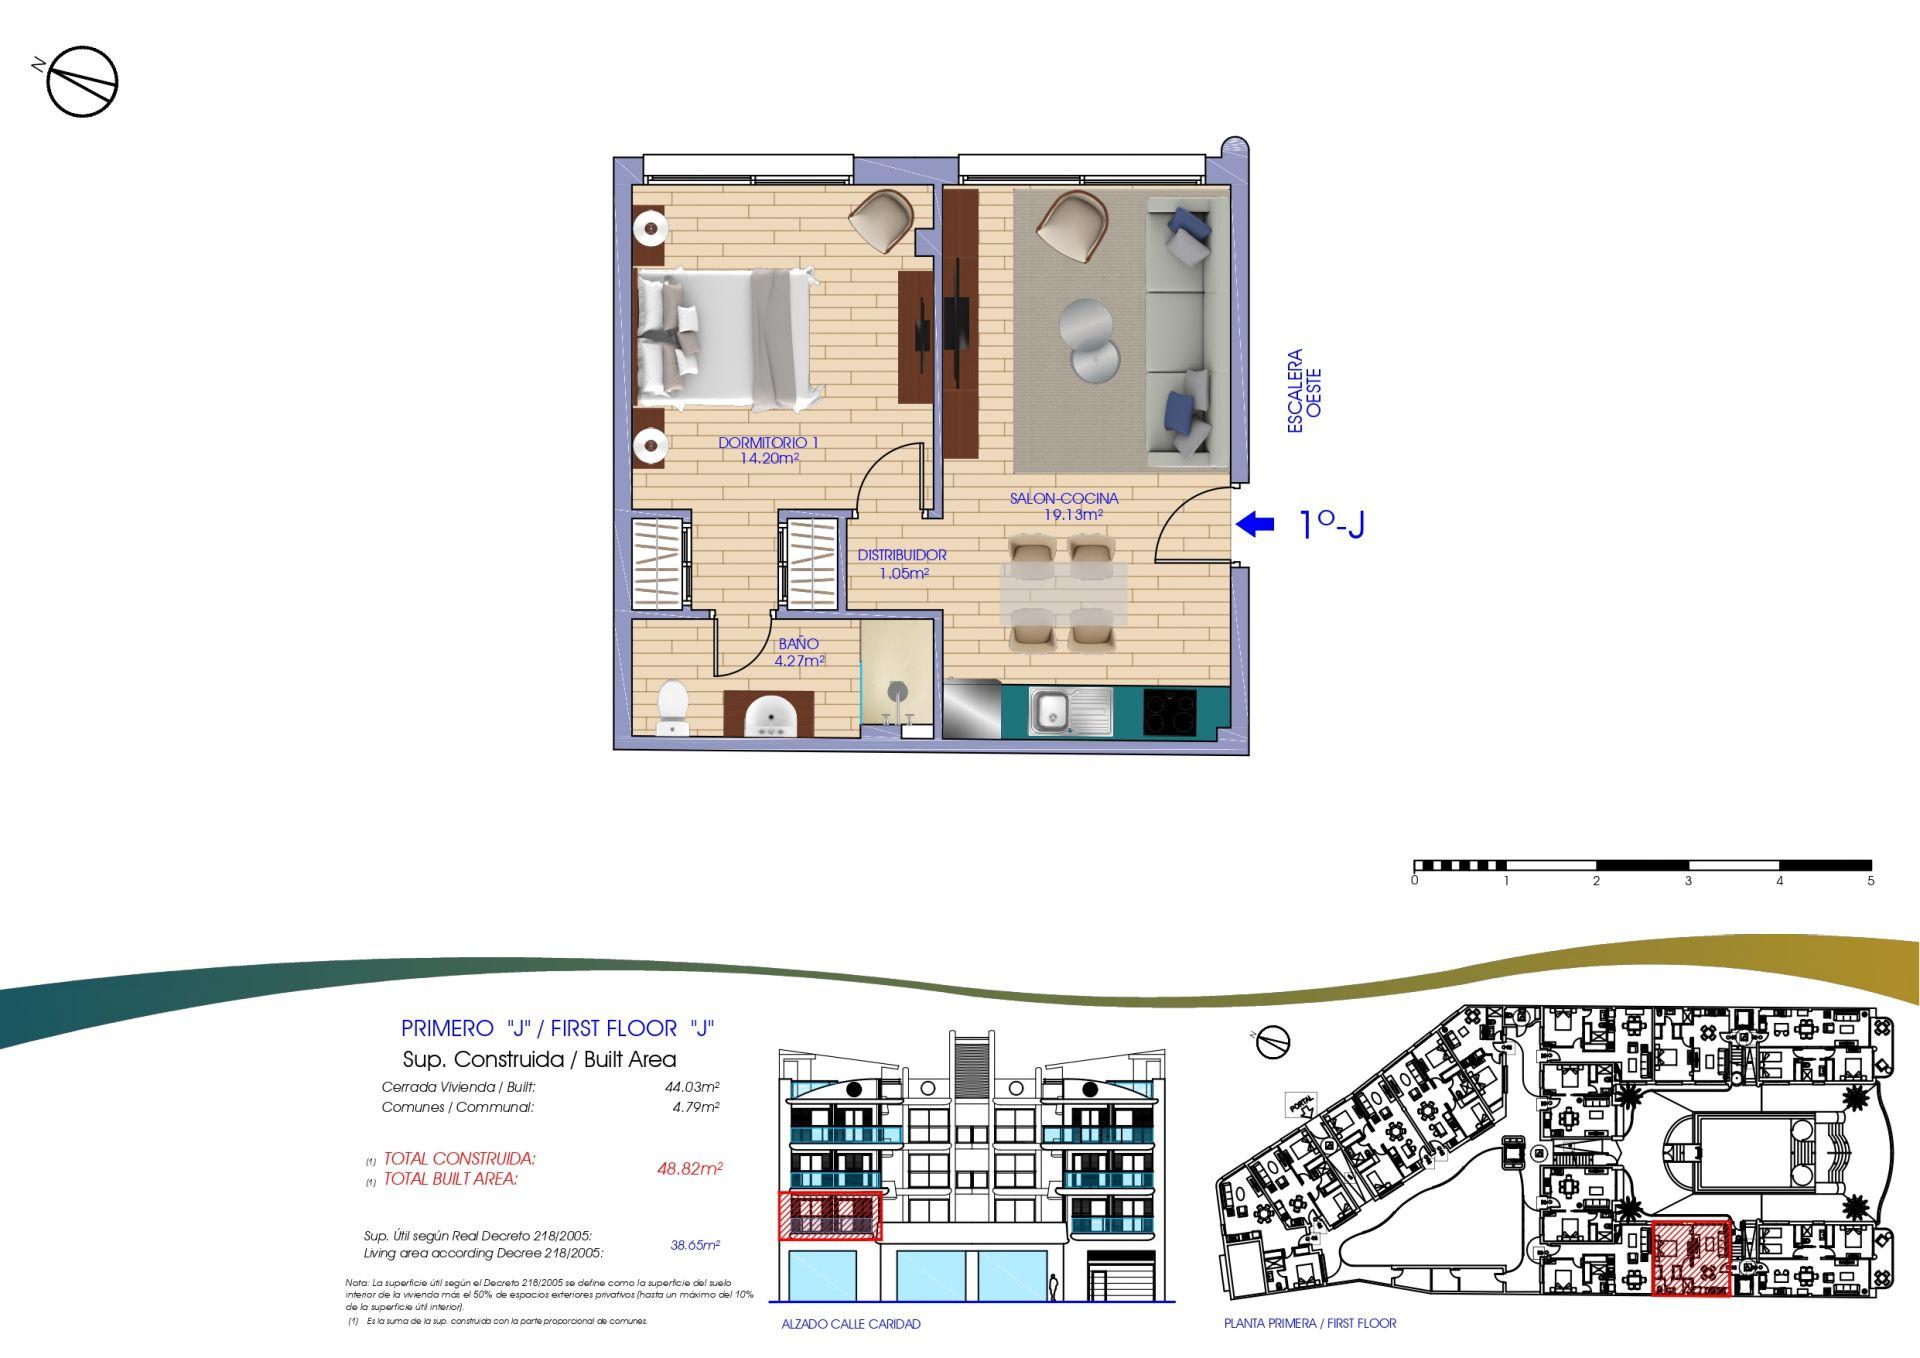 1j - Ventura Estepona | Compra de casa en Estepona